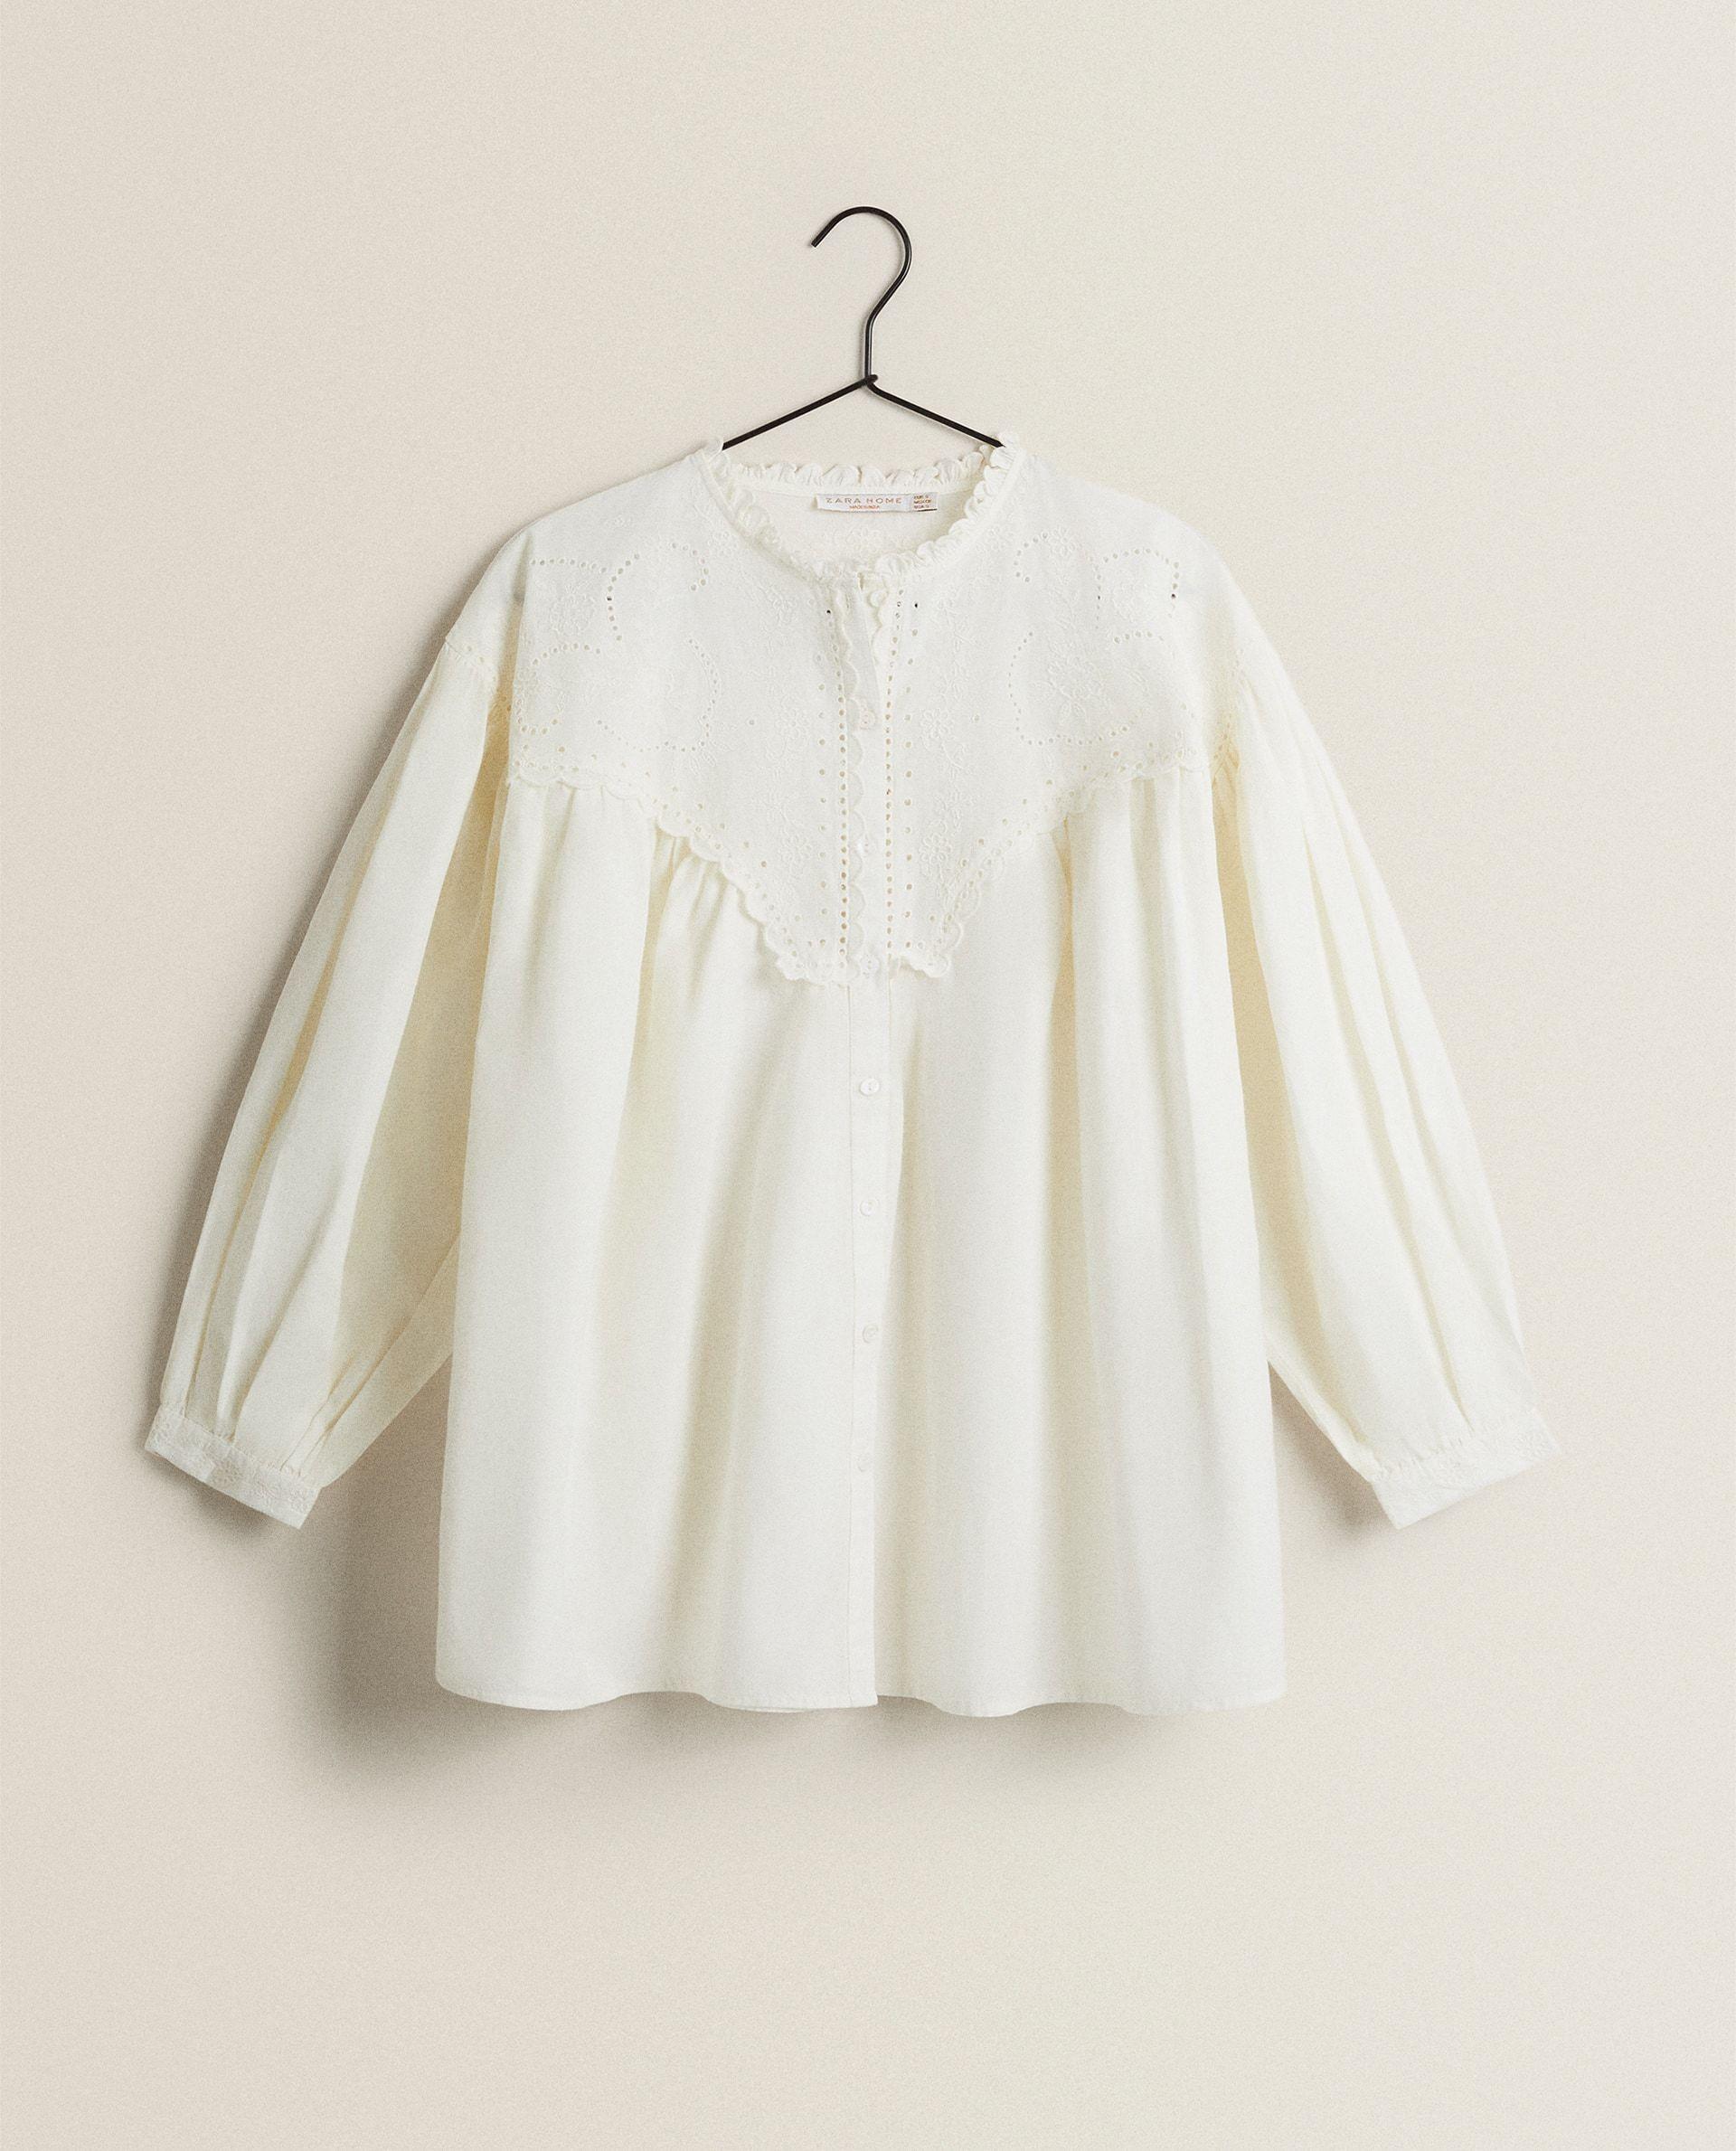 Blusa bordada de Zara Home, 39,90 euros.